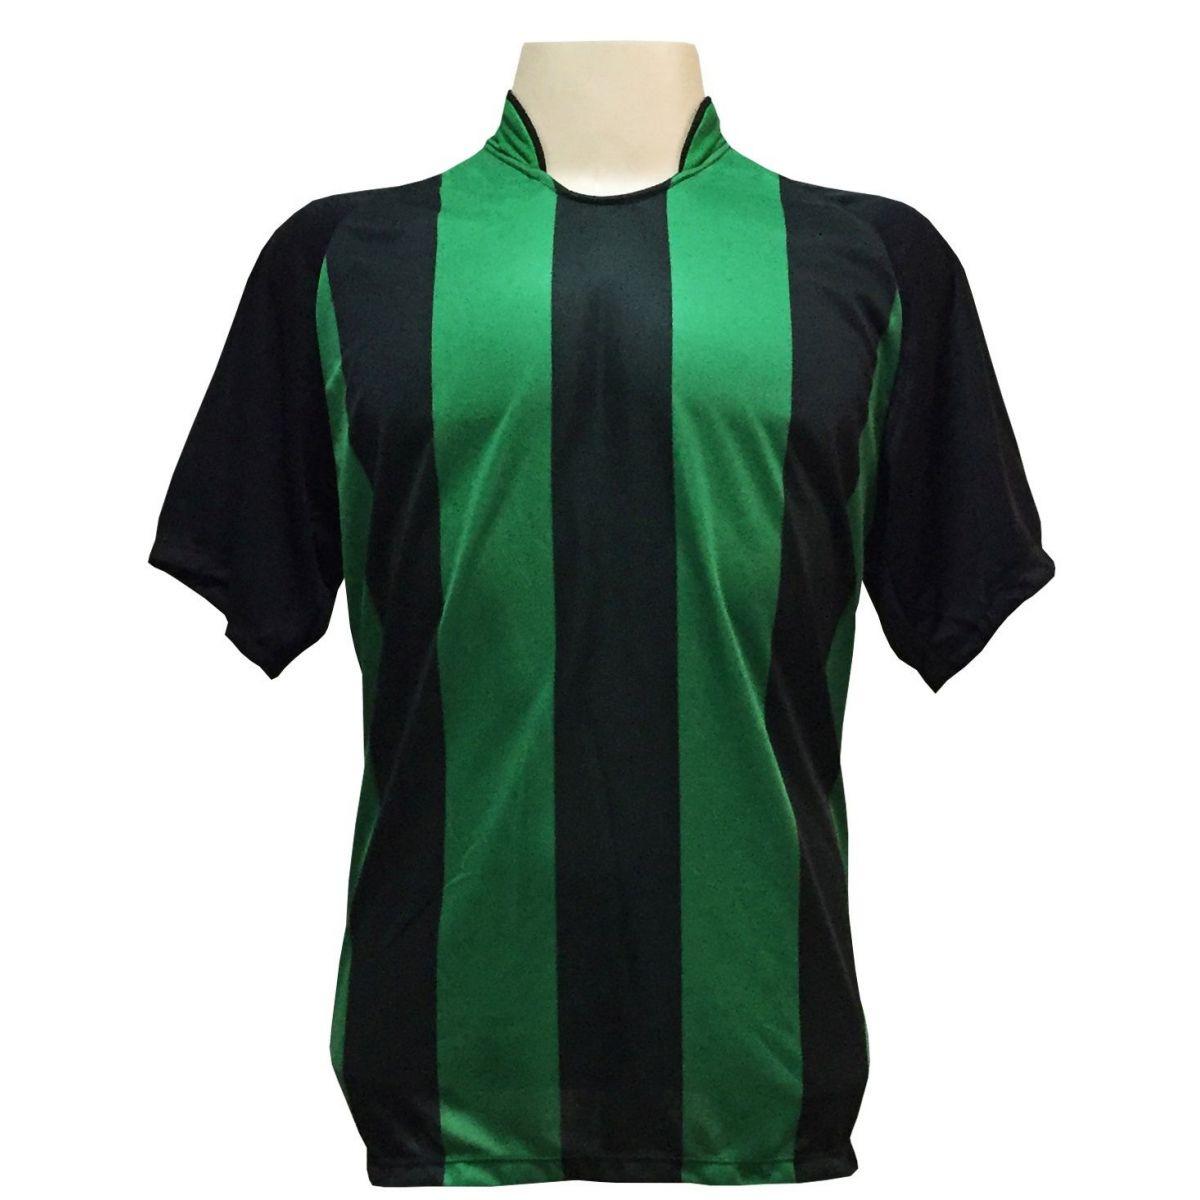 Jogo de Camisa com 20 unidades modelo Milan Preto/Verde + 1 Goleiro + Brindes